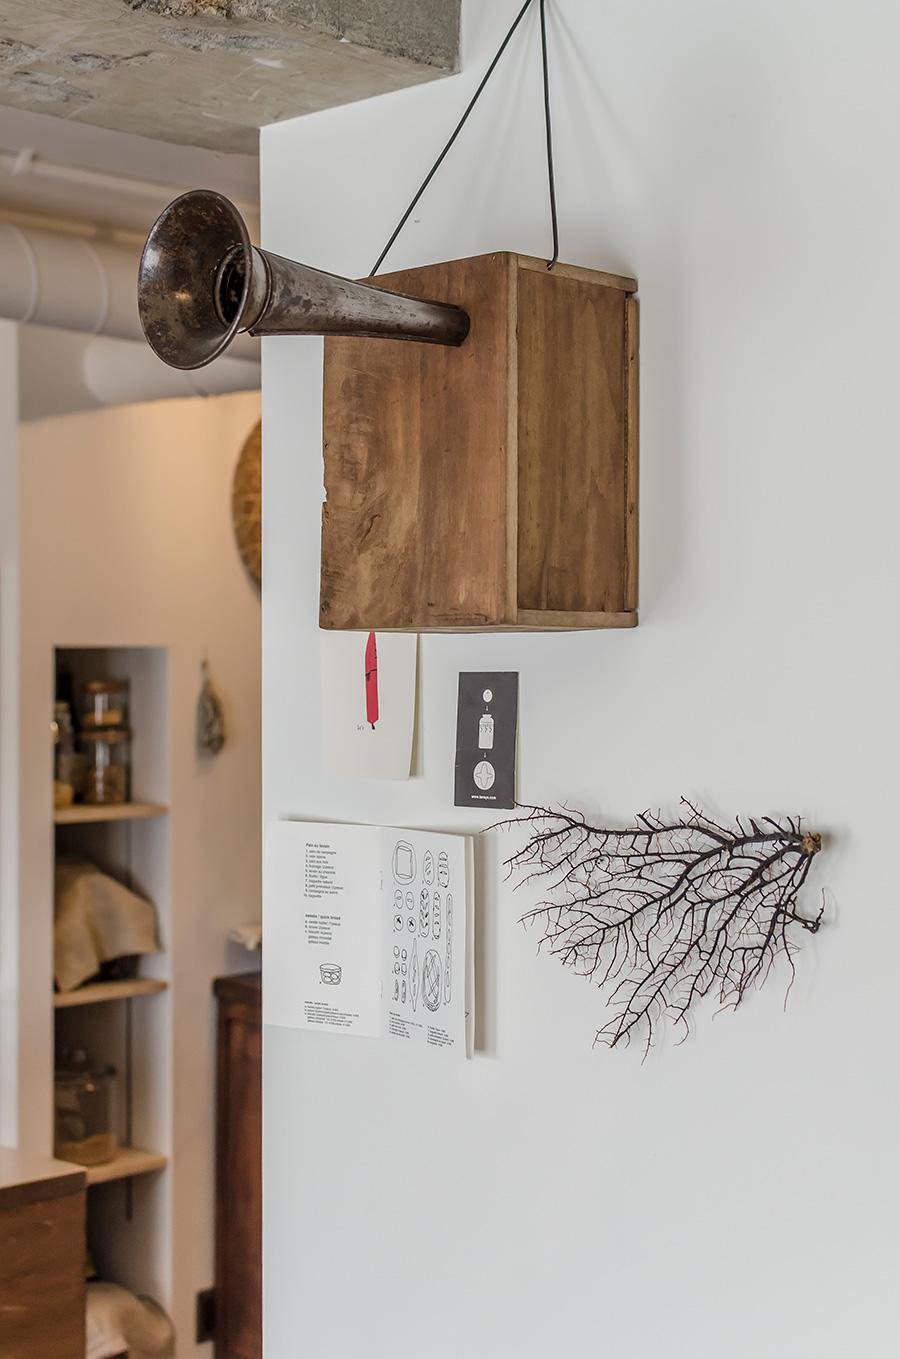 福岡の家具店「クランク」の木製スピーカー。